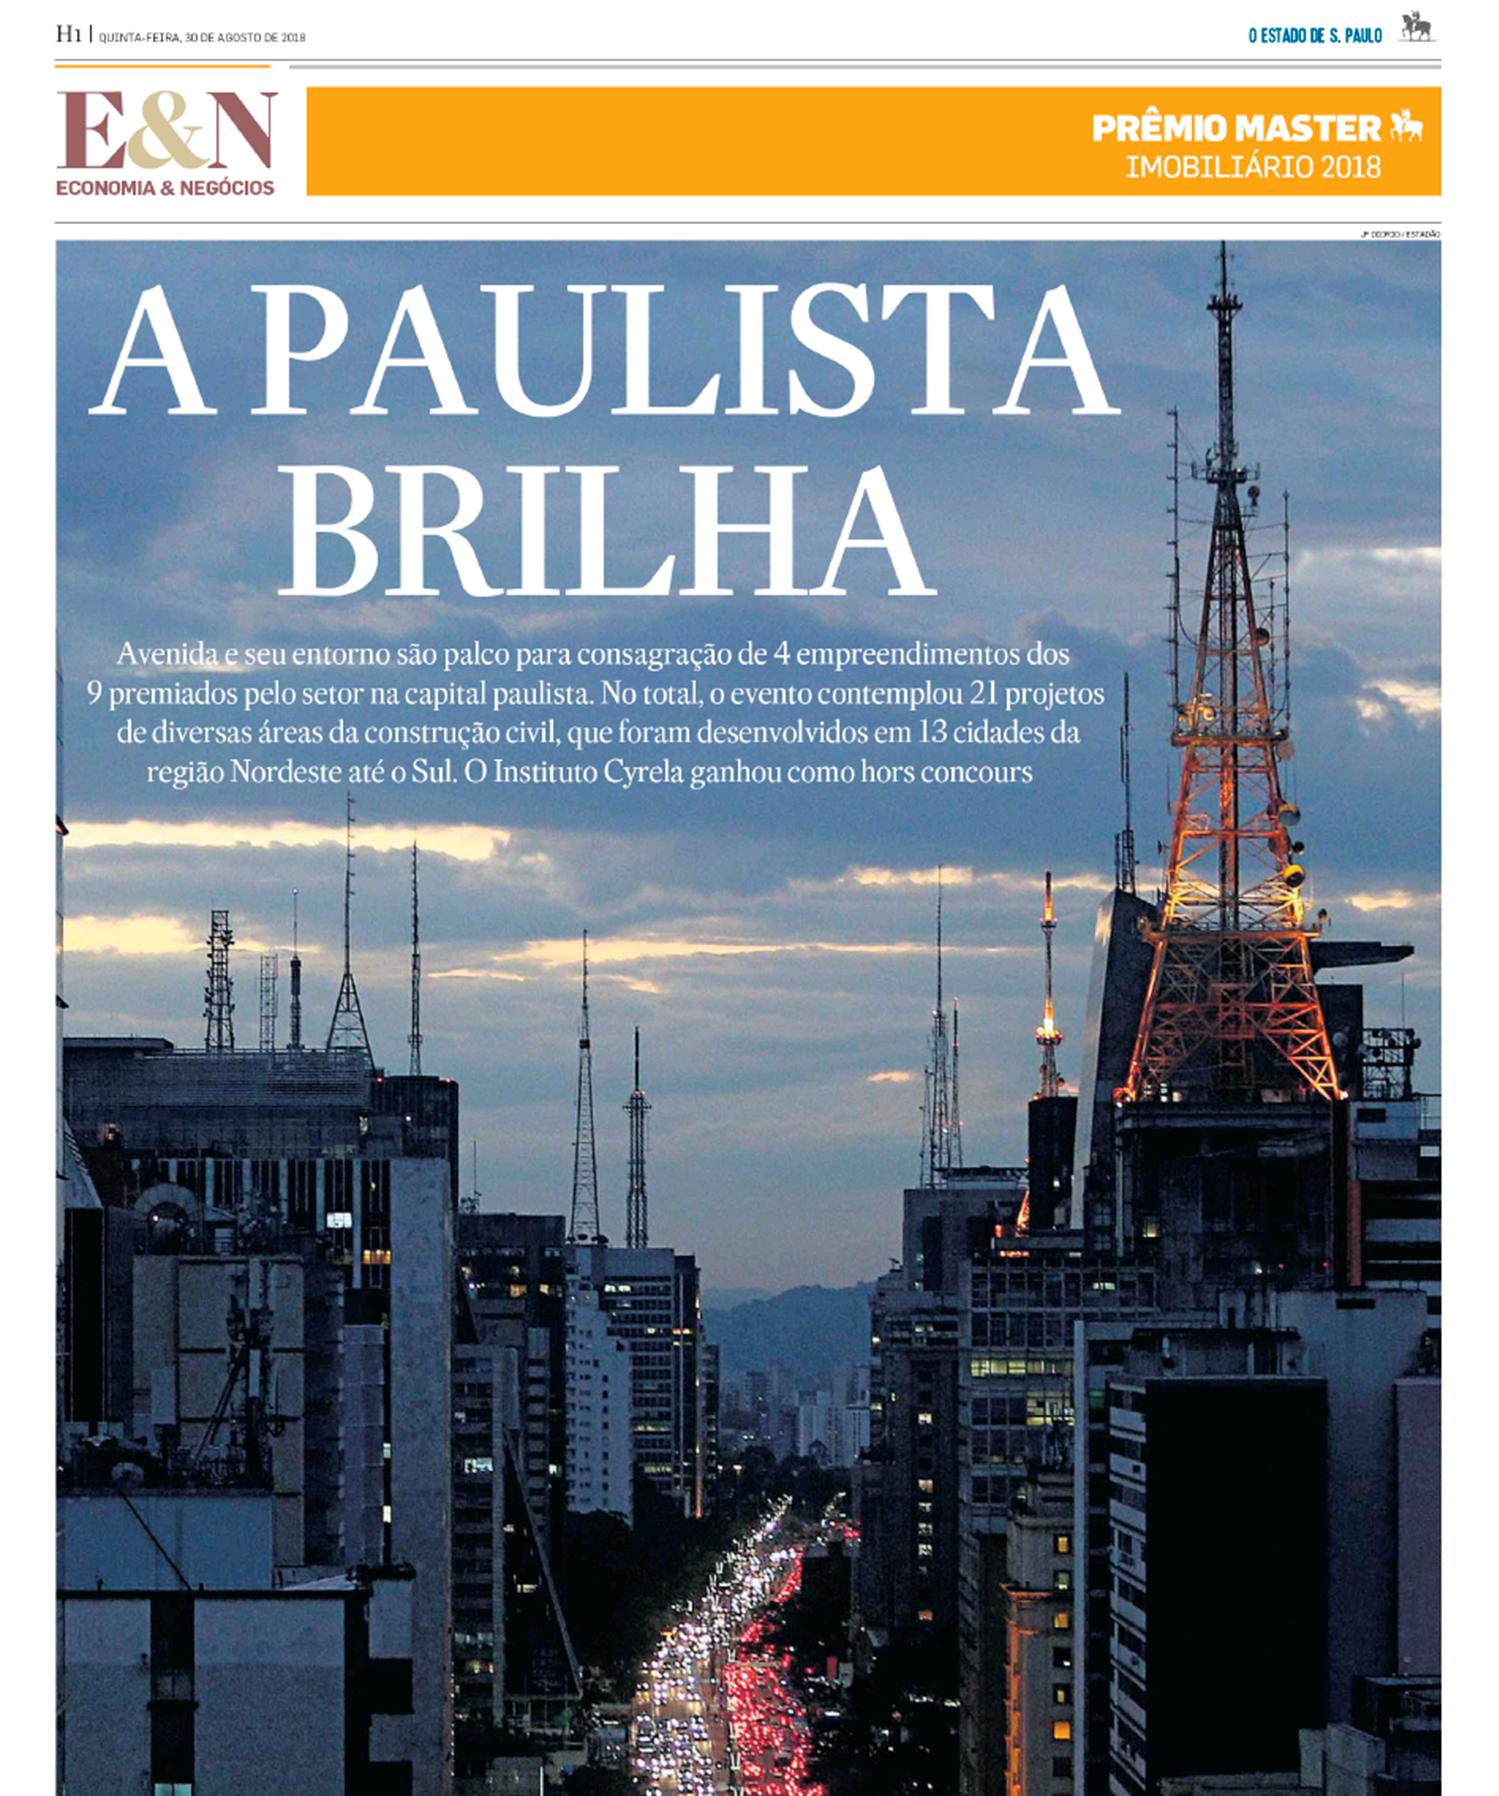 O Caderno Especial Master Imobiliário, publicado em Economia&Negócios pelo jornal O Estado de de S.Paulo no dia 30 de agosto de 2018, apresentou todo o êxito dos vencedores do Oscar do setor.